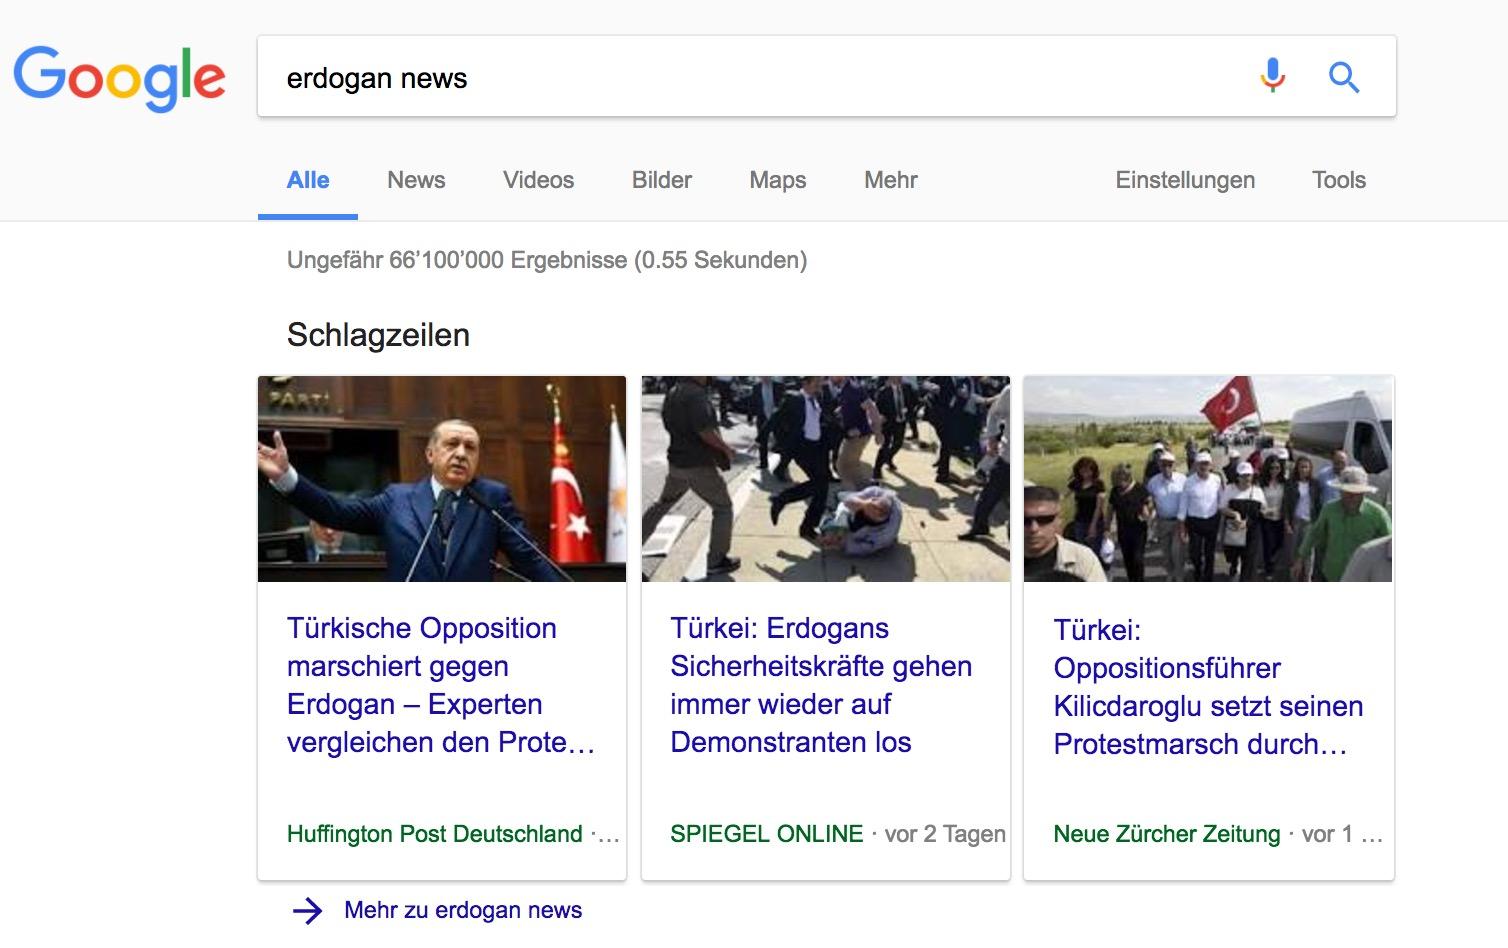 Google Schlagzeilen Karussell auf Desktop Ansicht zum Suchwort: Erdogan News